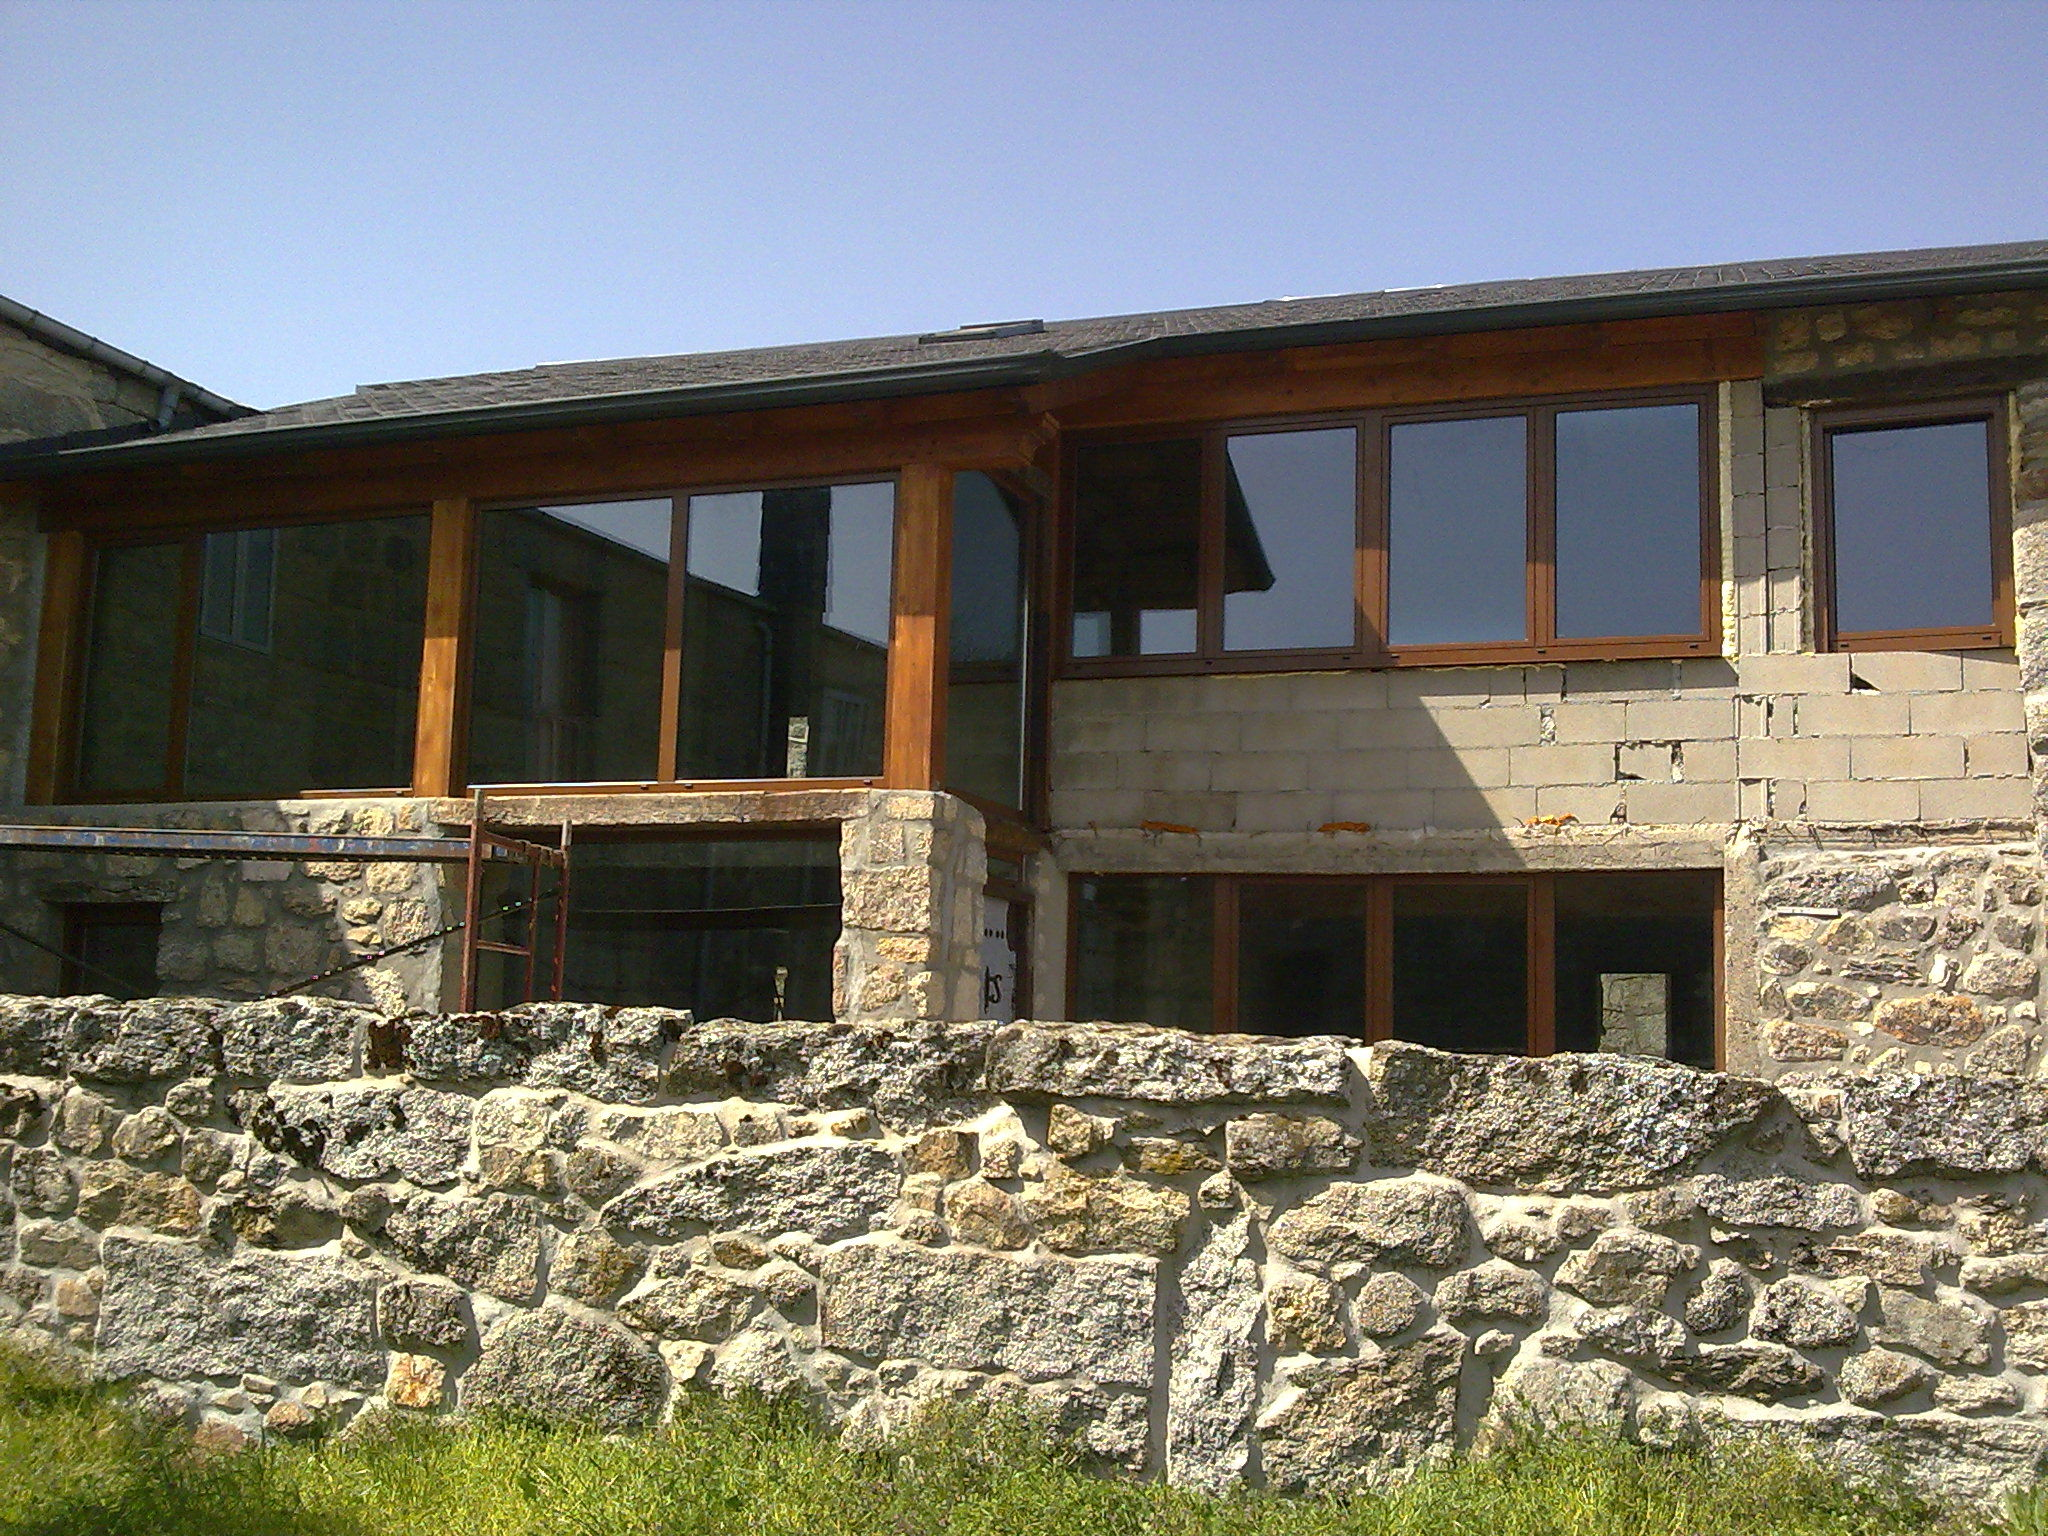 Ventana instalada de aluminio color madera nuestros for Colores de aluminio para ventanas